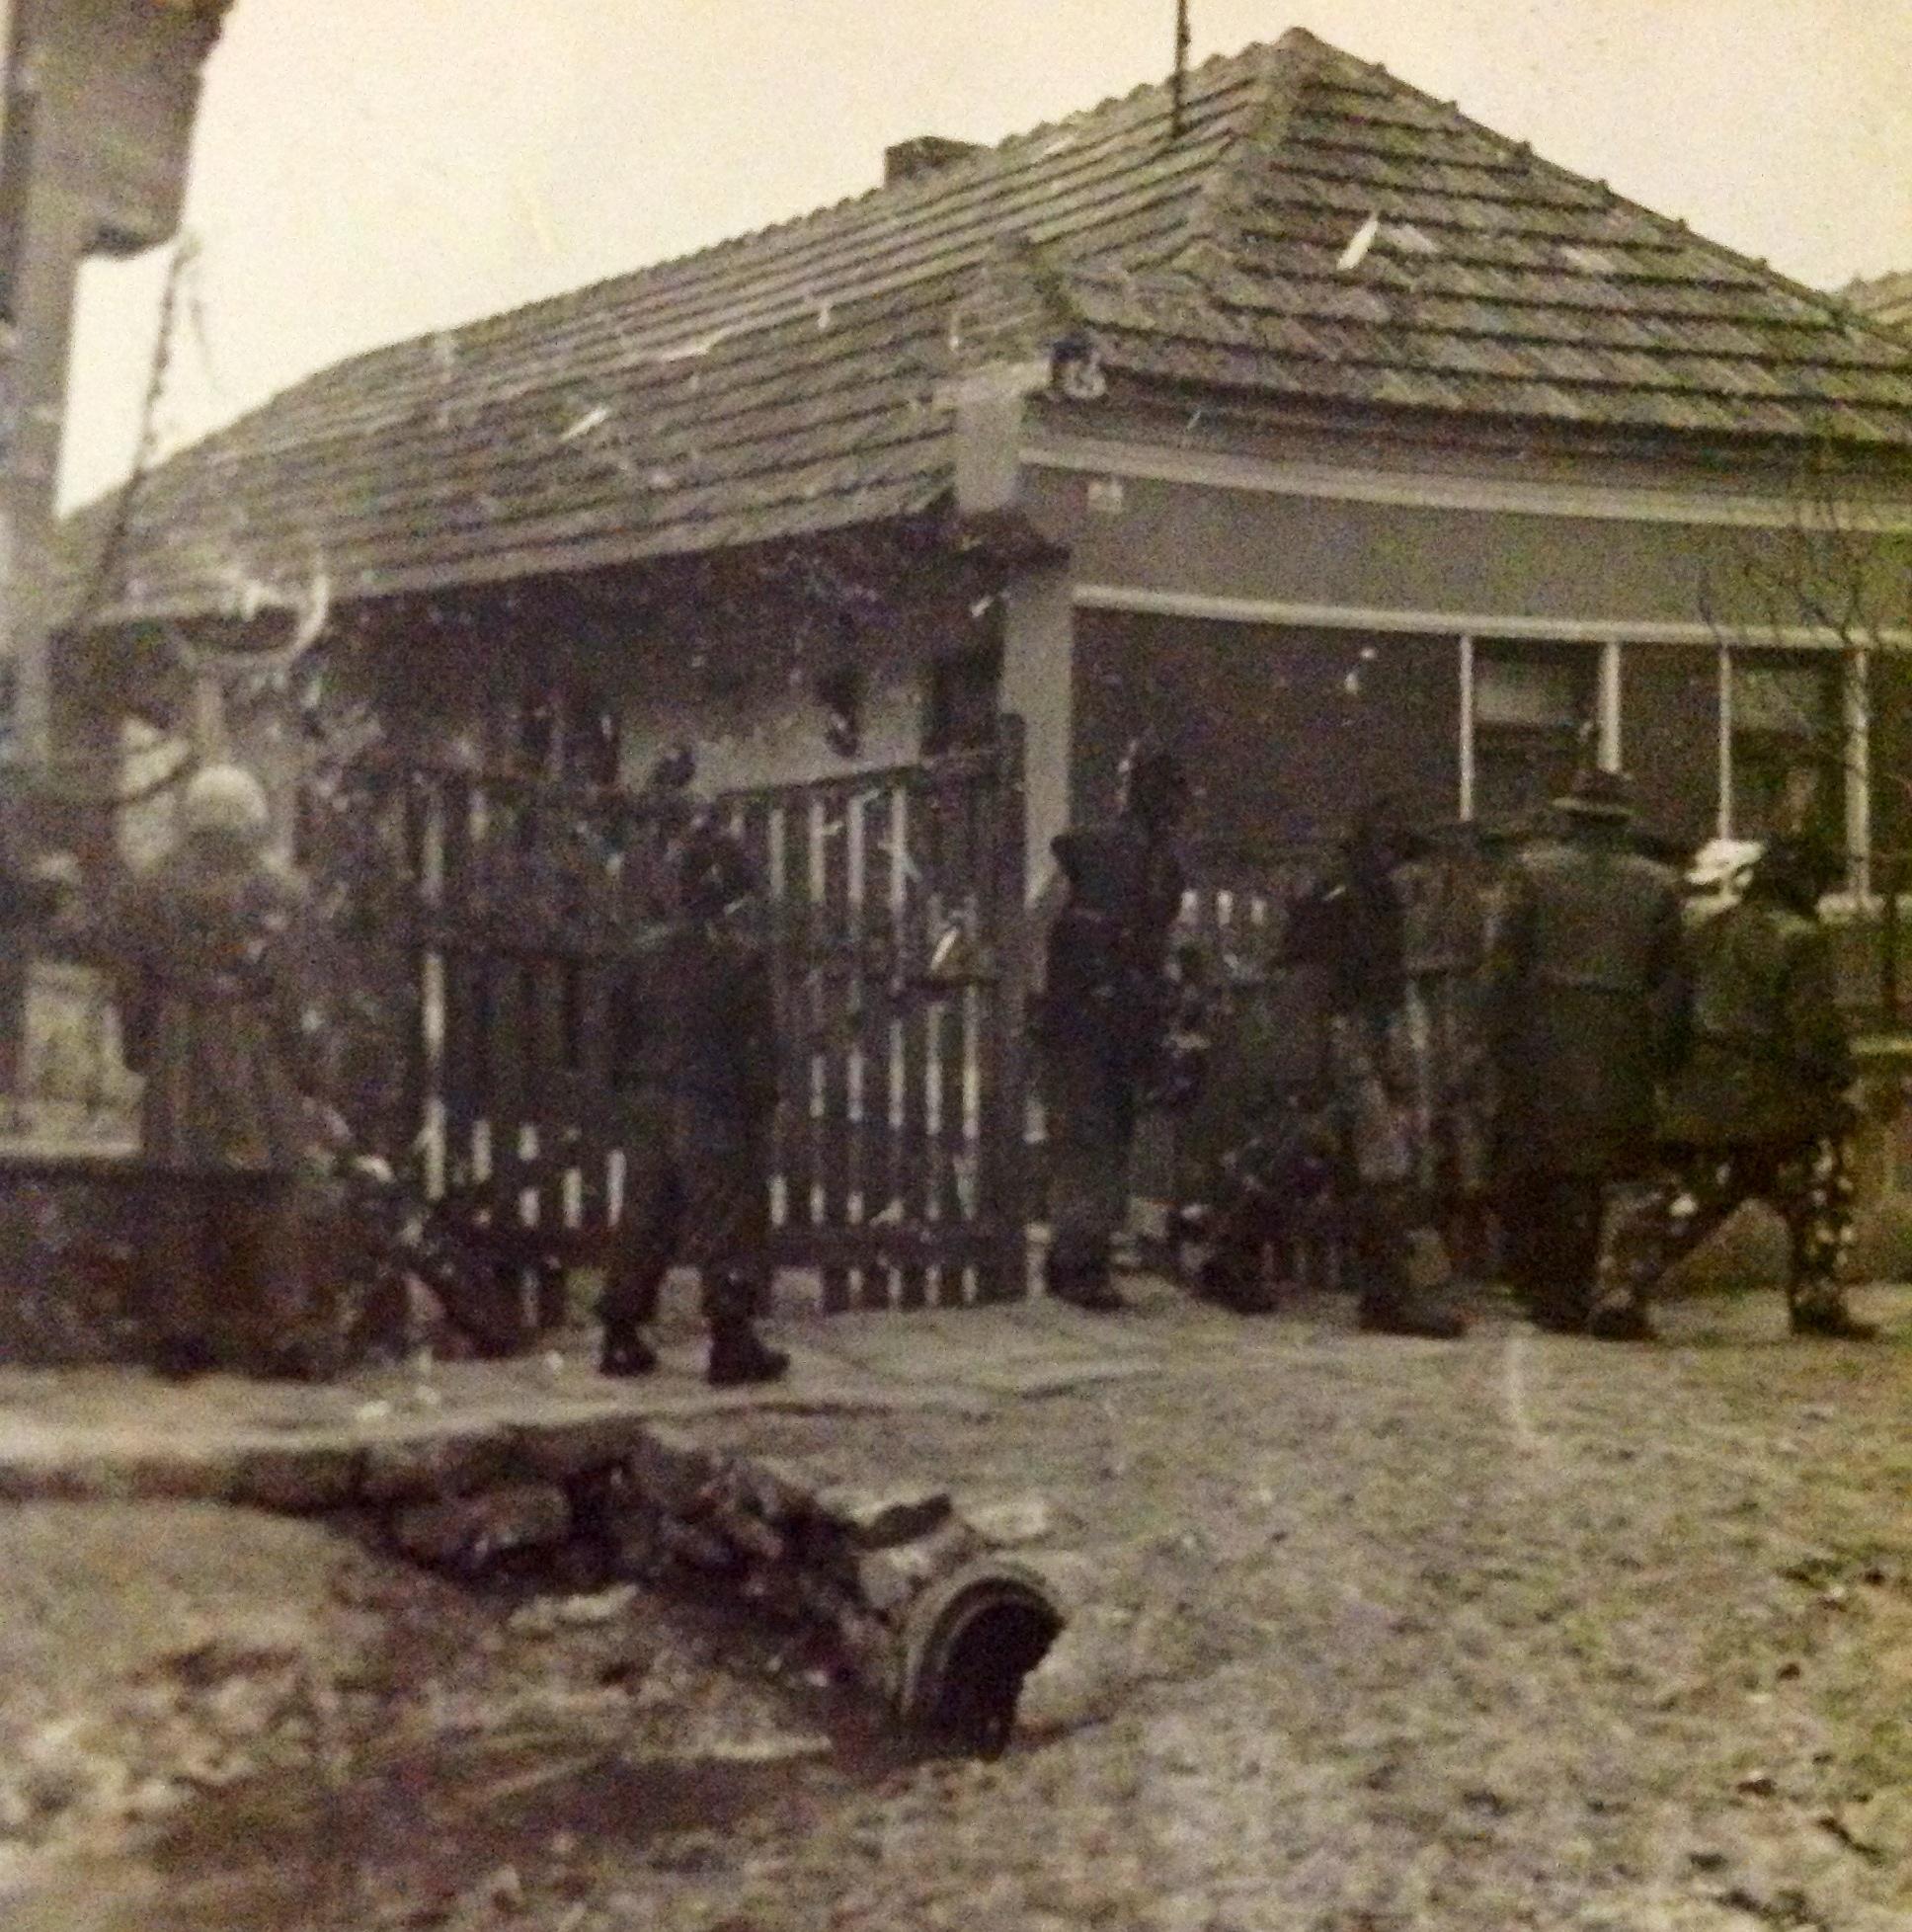 6984. Reméllés egy ház előtt. 1959. Bakó Ferenc